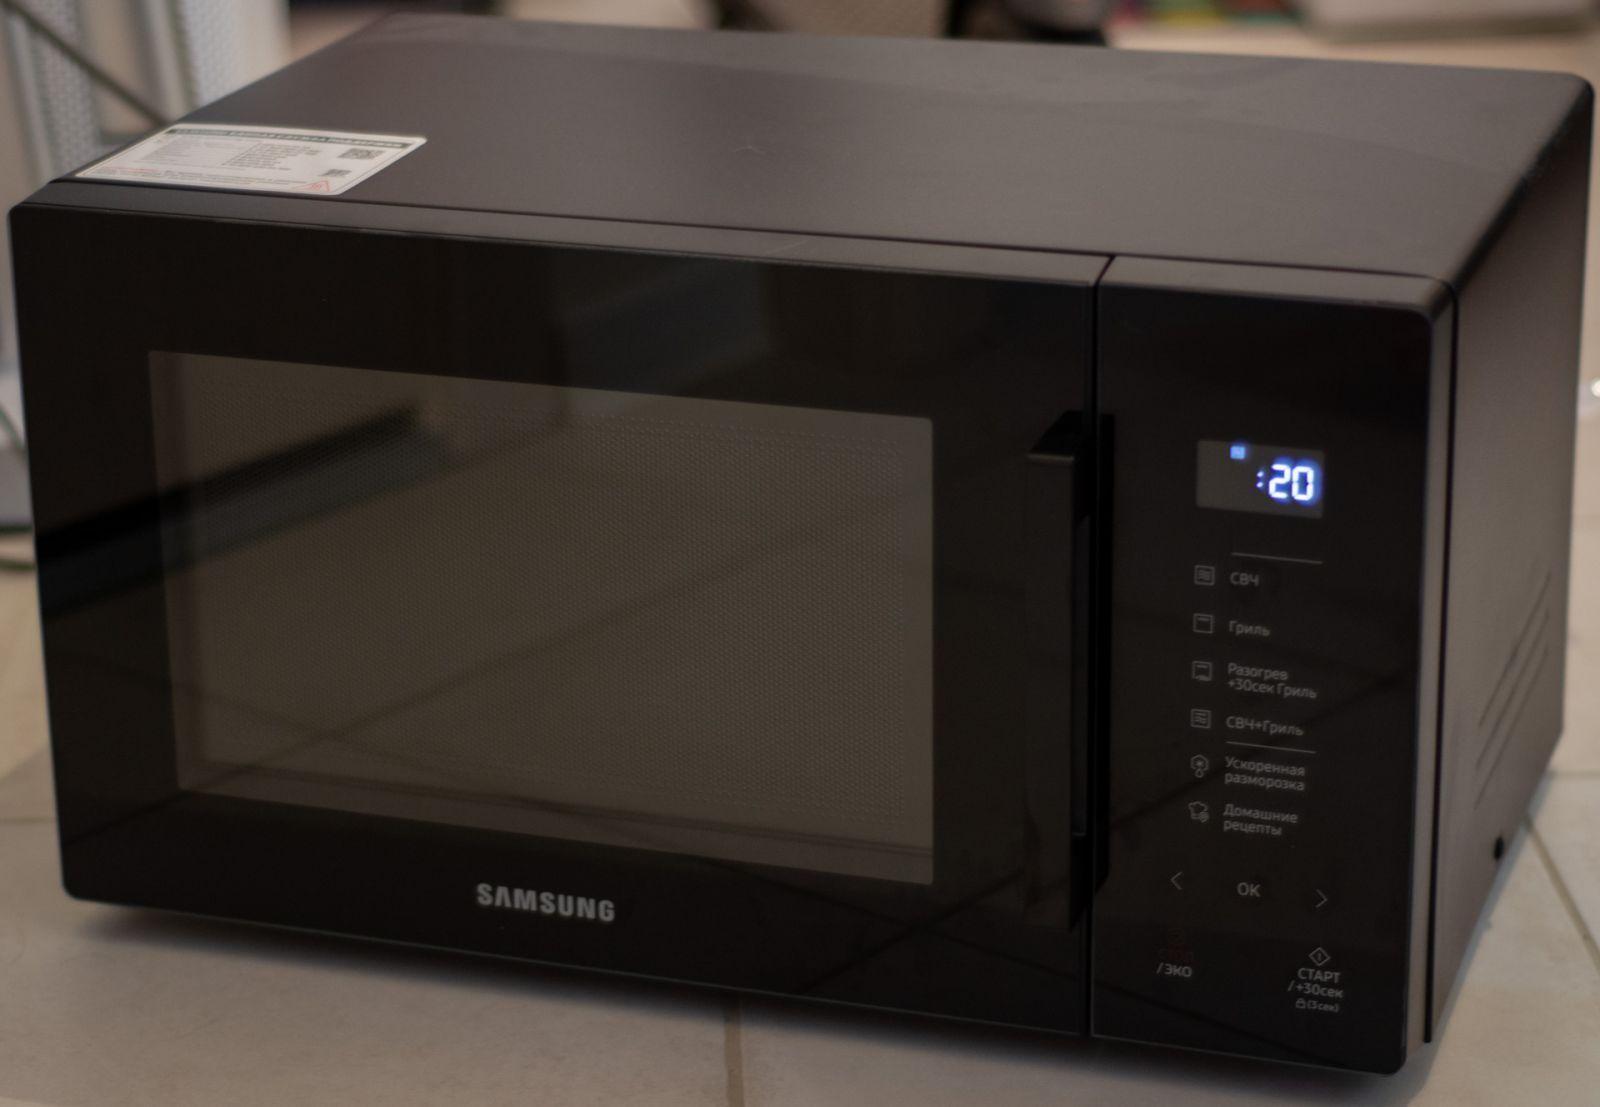 Обзор микроволновой печи Samsung MW5000T: красивая необходимость (dsc 8973)